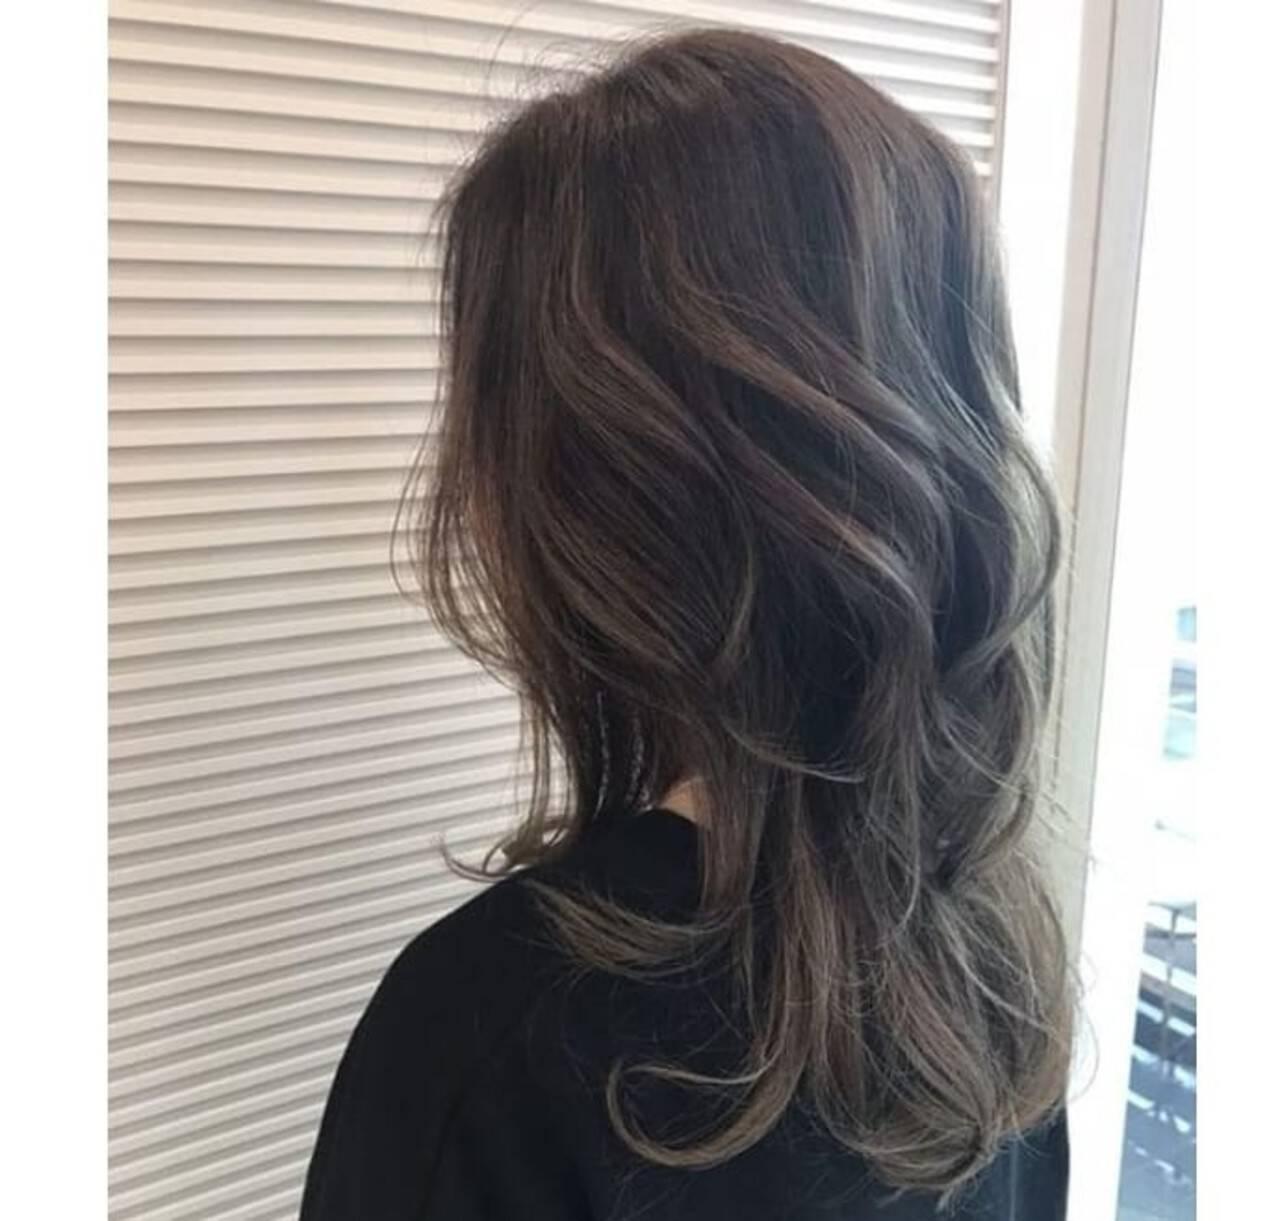 グレージュ アッシュグレージュ モード ヘアアレンジヘアスタイルや髪型の写真・画像